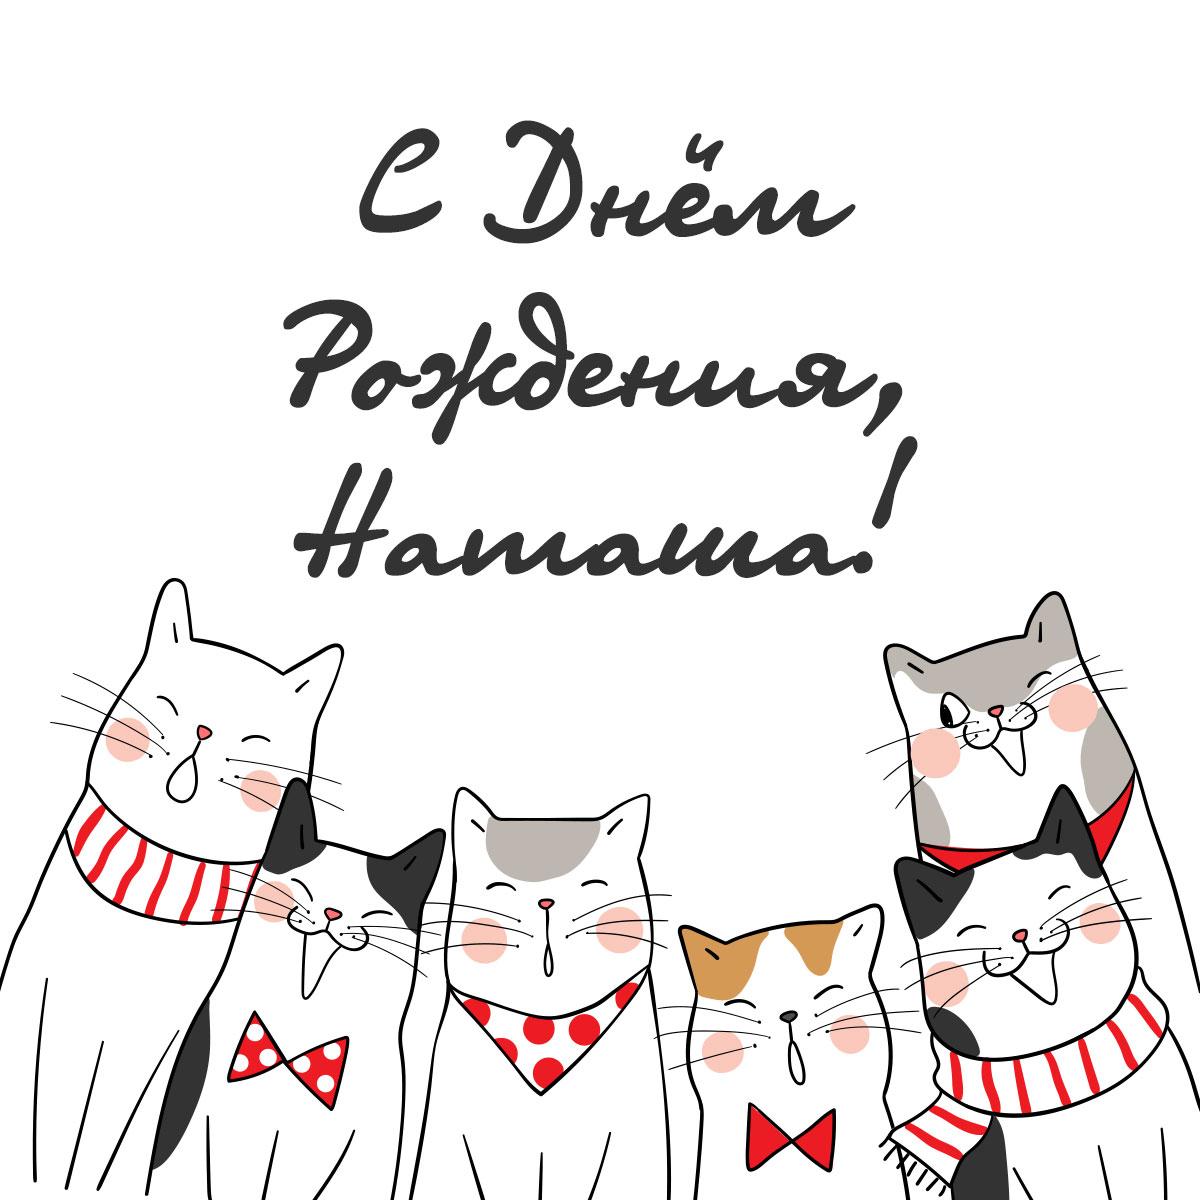 Картинка с текстом на поздравительную открытку с днем рождения наташа с весёлыми котами.